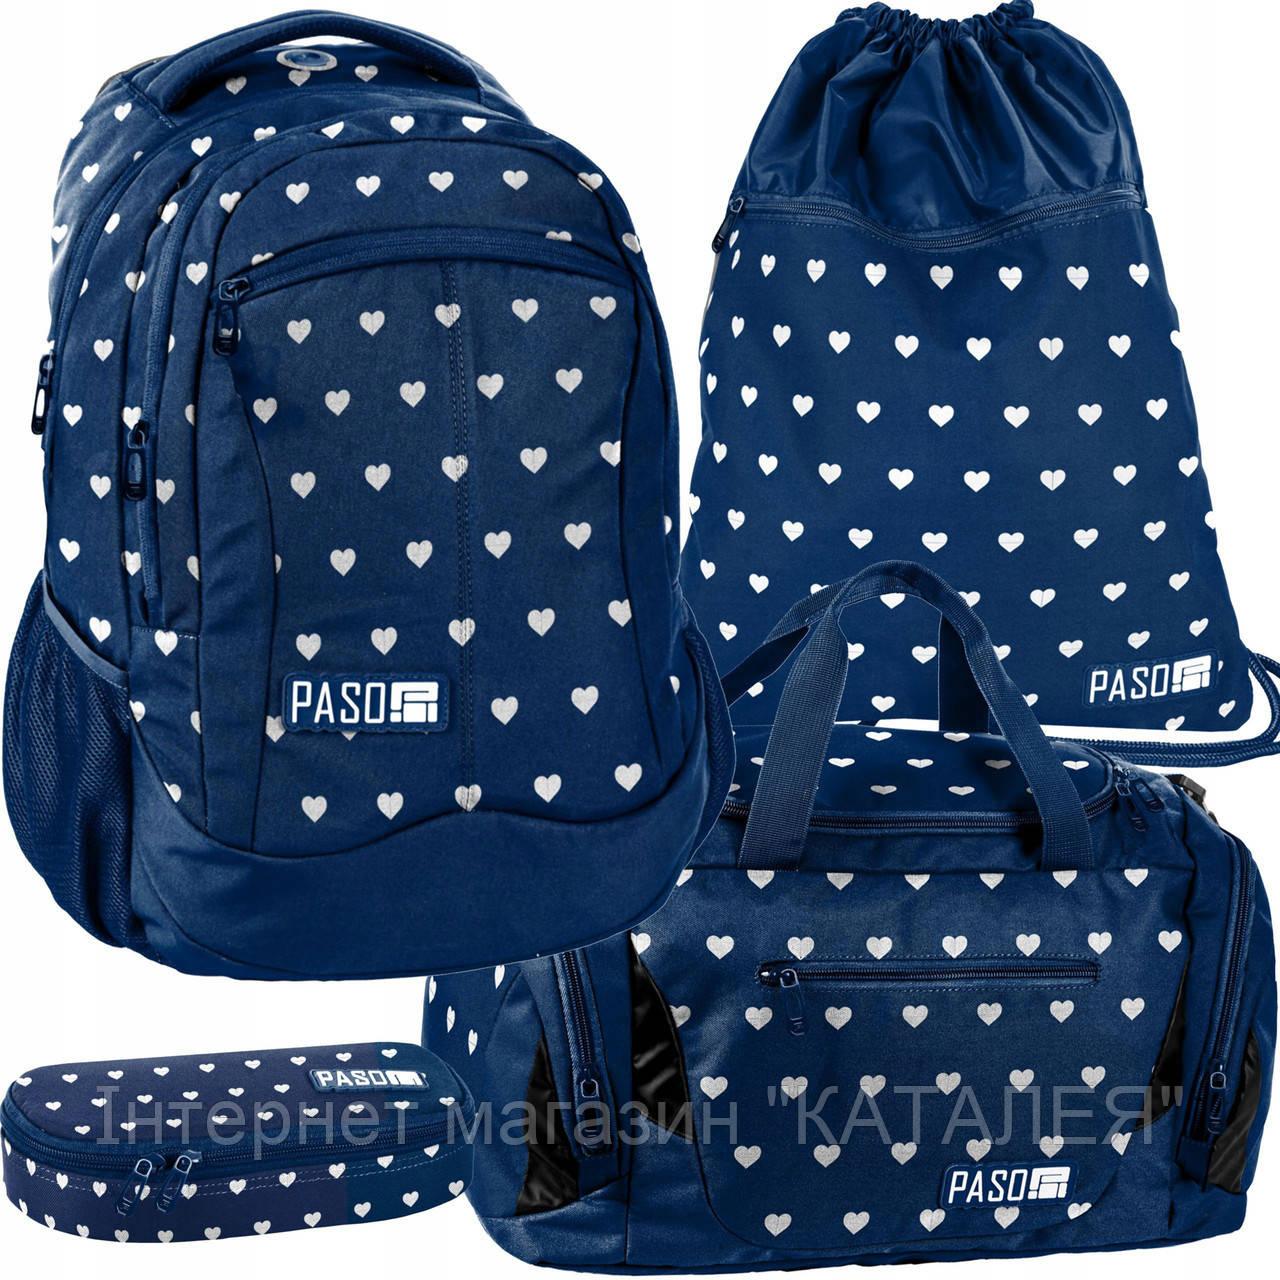 Школьный молодежный рюкзак PASO UNIQUE, комплект 4 шт.